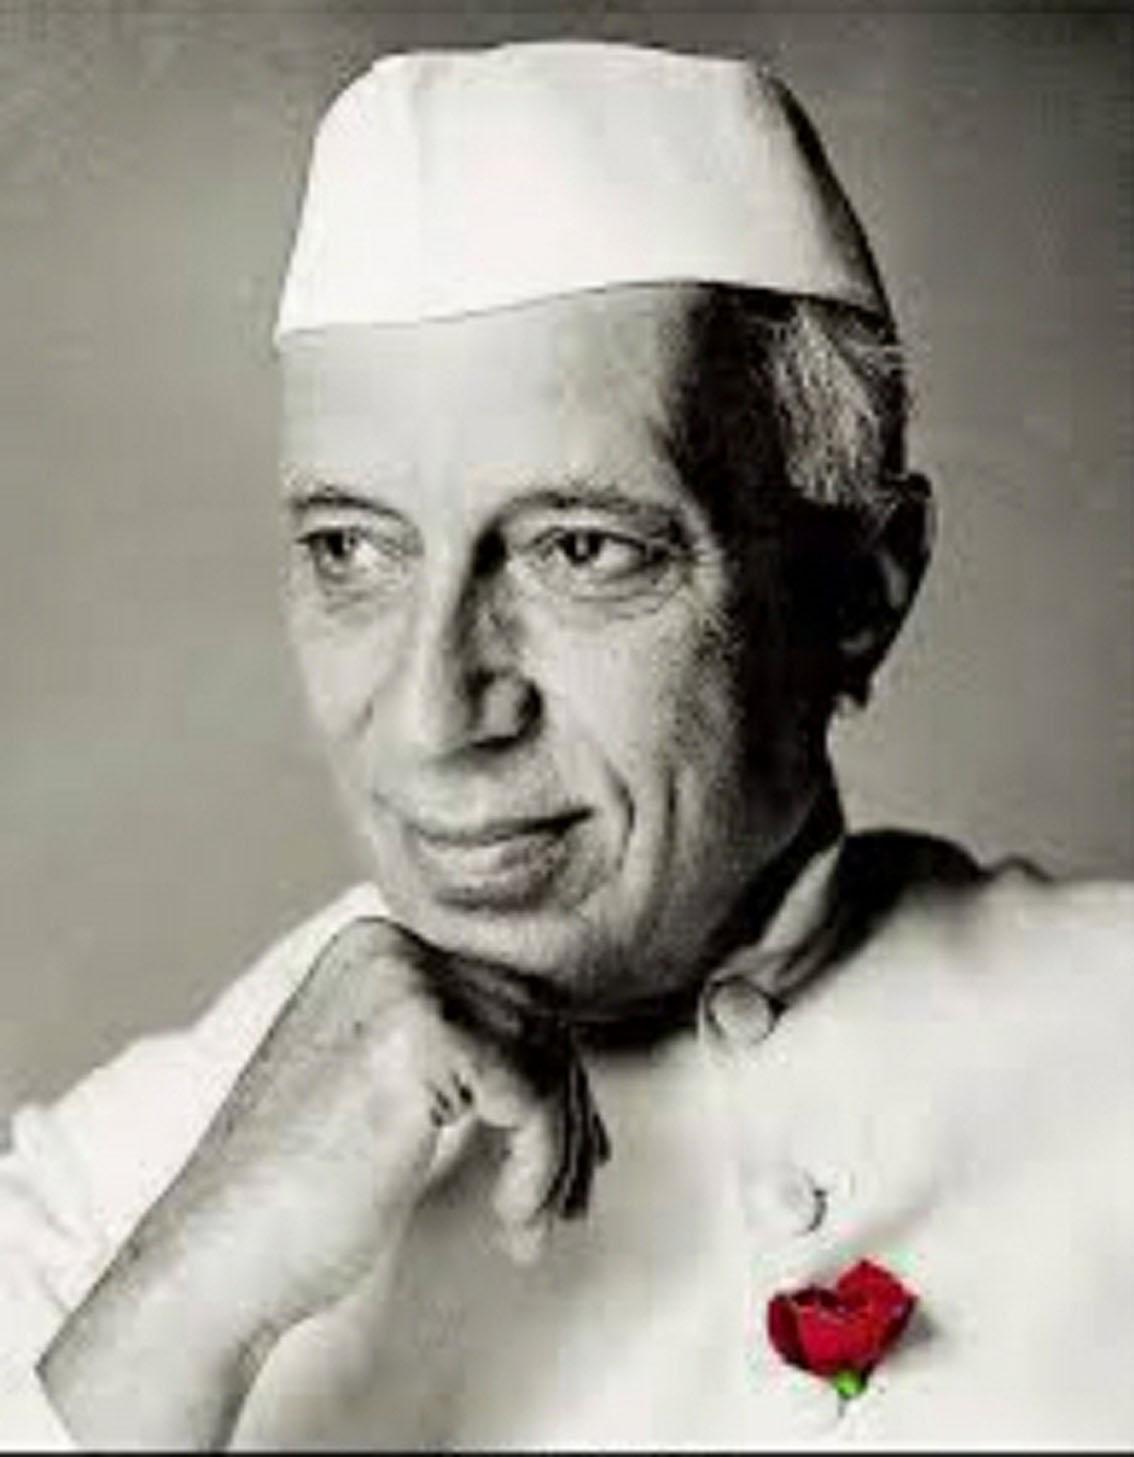 इस सदी के महानतम लेखकों में एक थे पंडित नेहरू